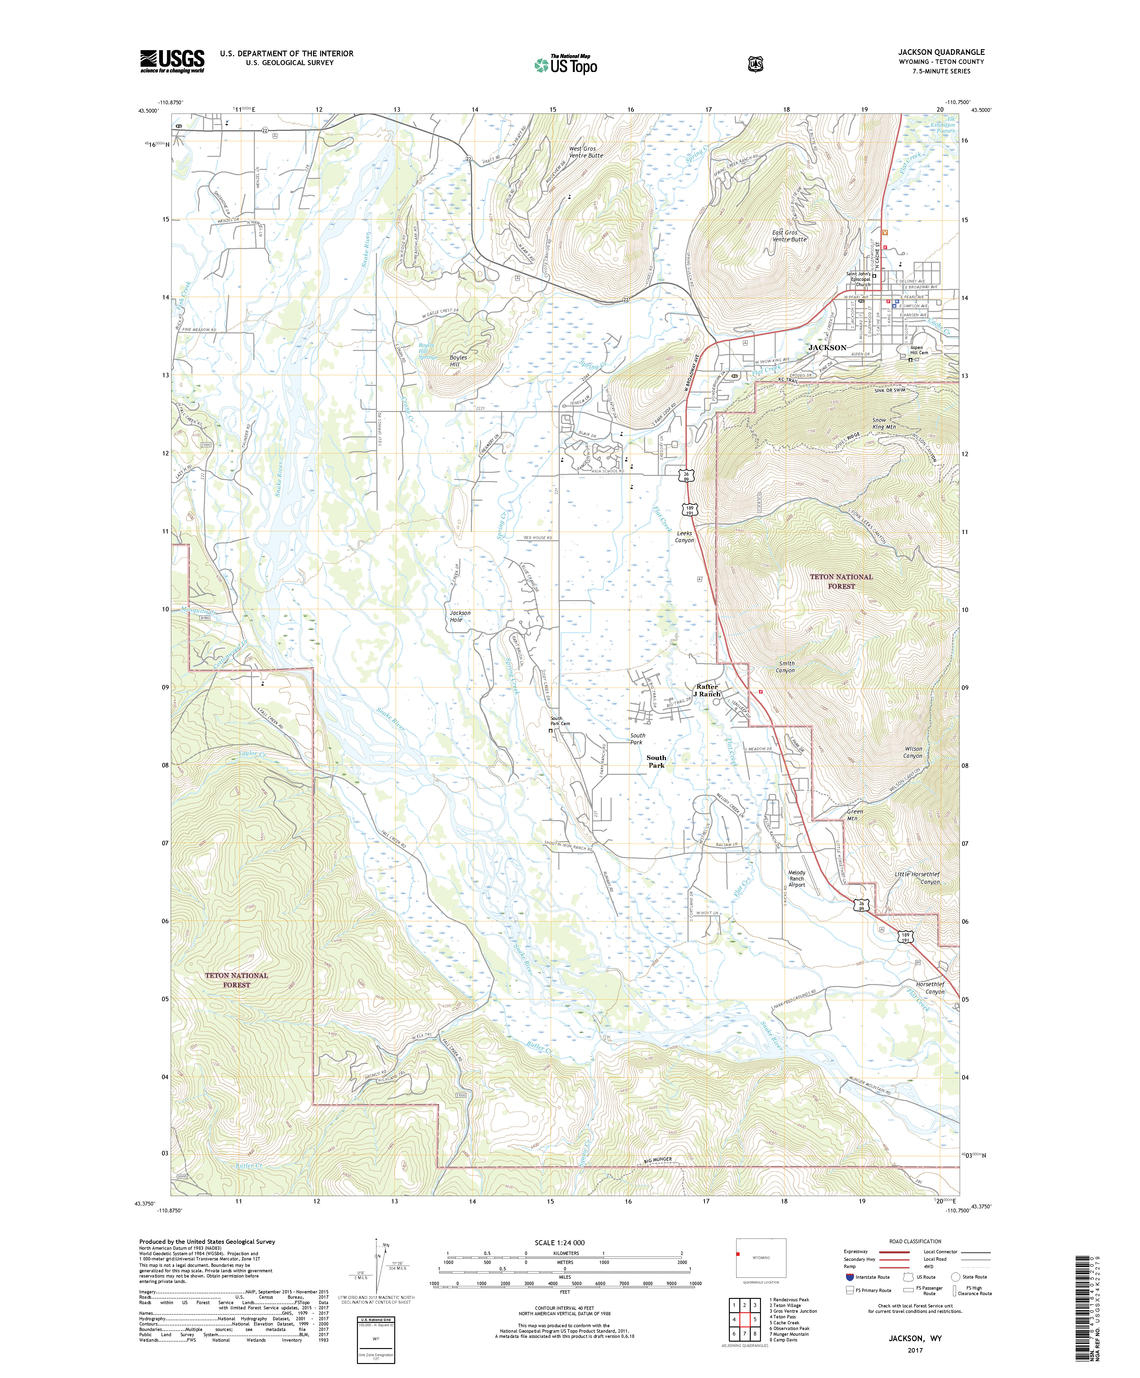 Us Topo: Maps For America - Usgs Topo Maps California